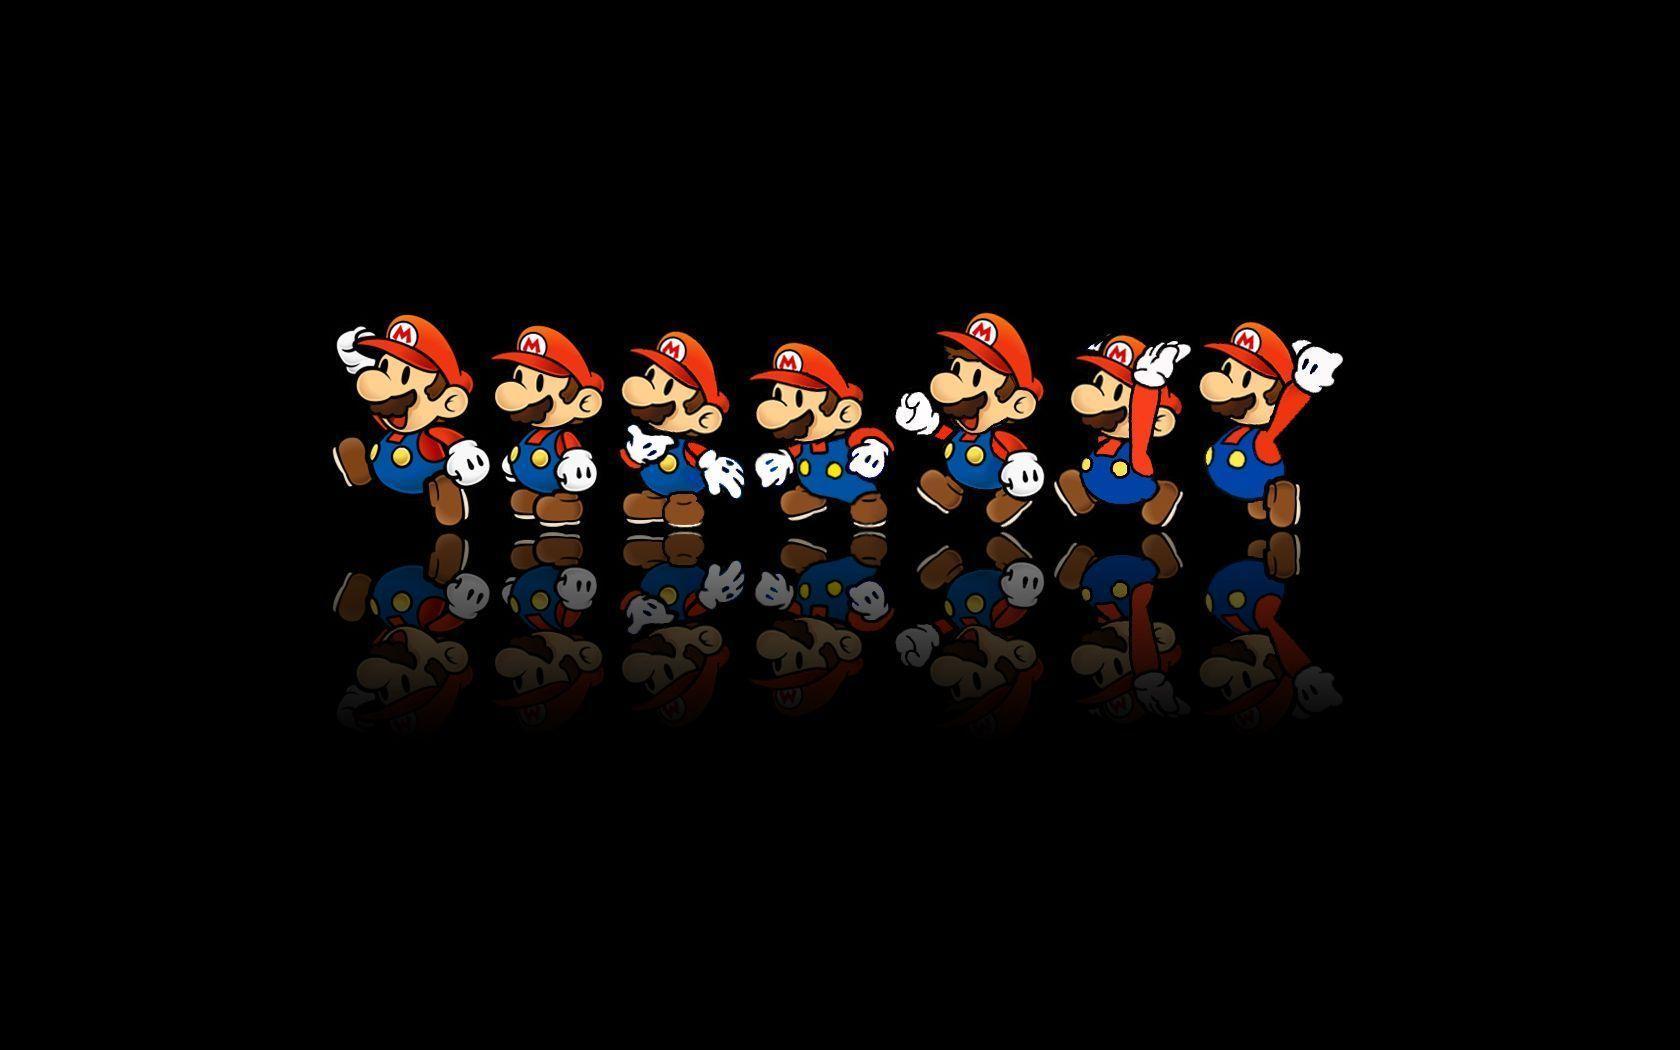 Mario hd wallpapers wallpaper cave for Ecran pc 2560 x 1440